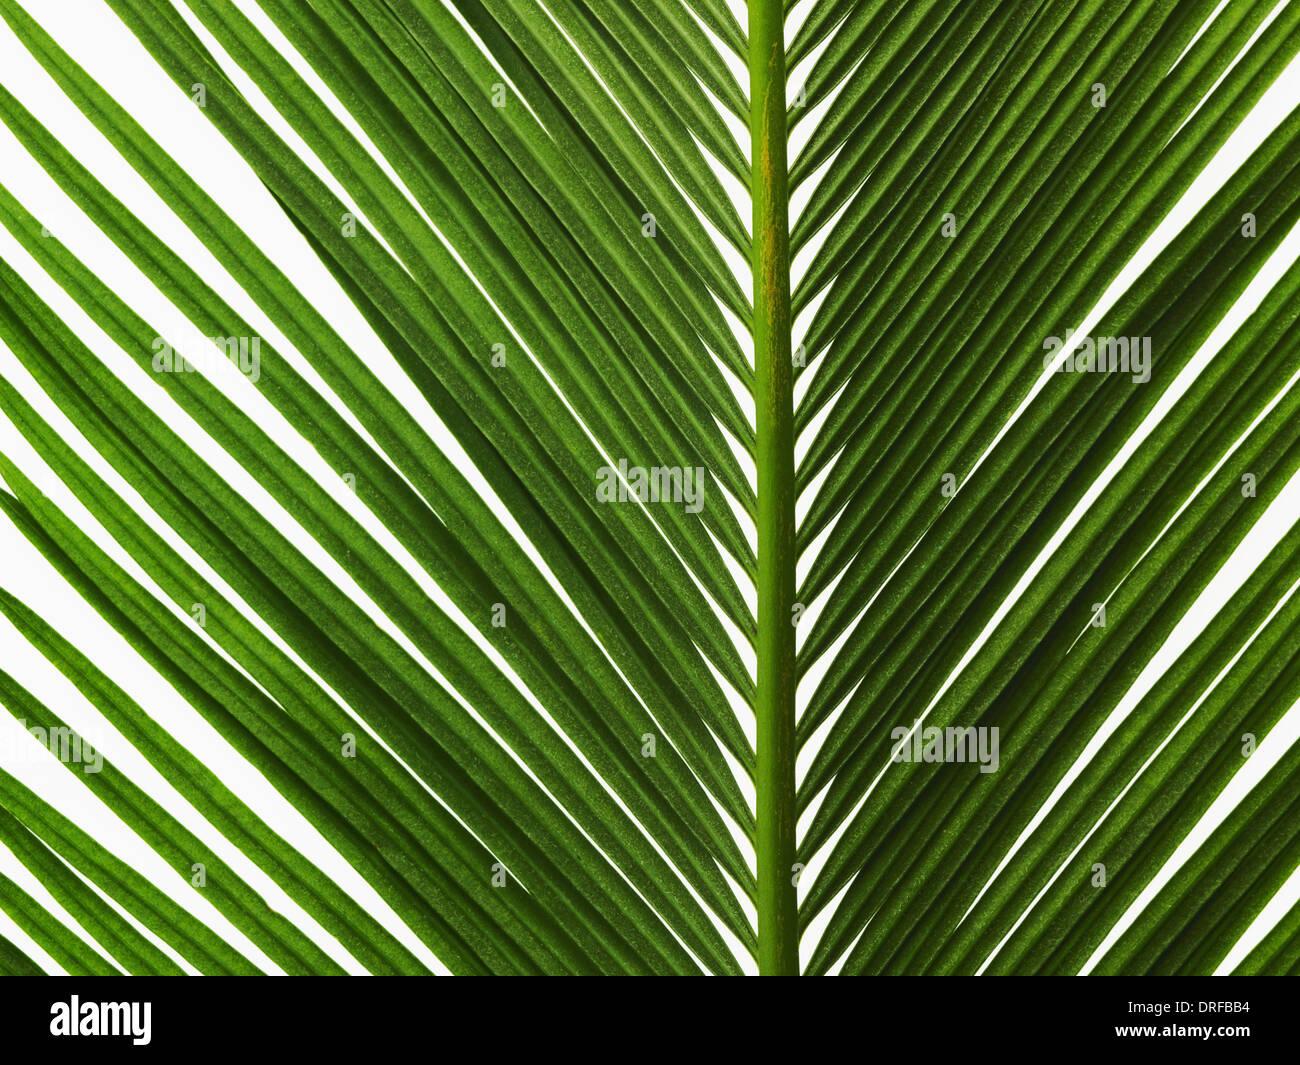 Cerrar hoja de palma verde brillante con nervadura central Imagen De Stock